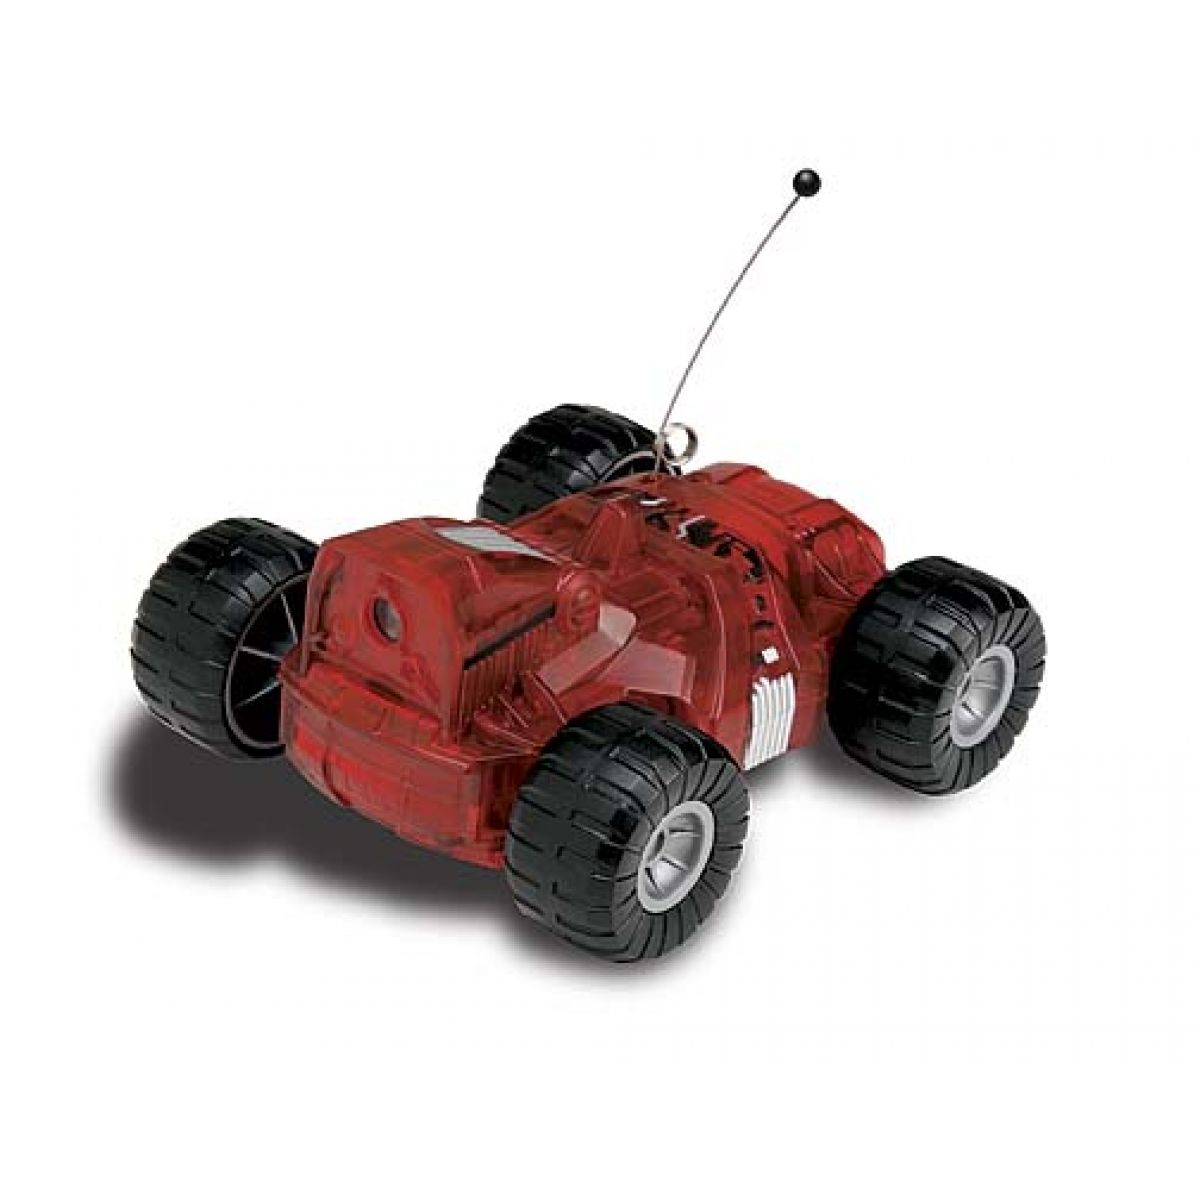 Spy Gear - Odposlouchávací auto